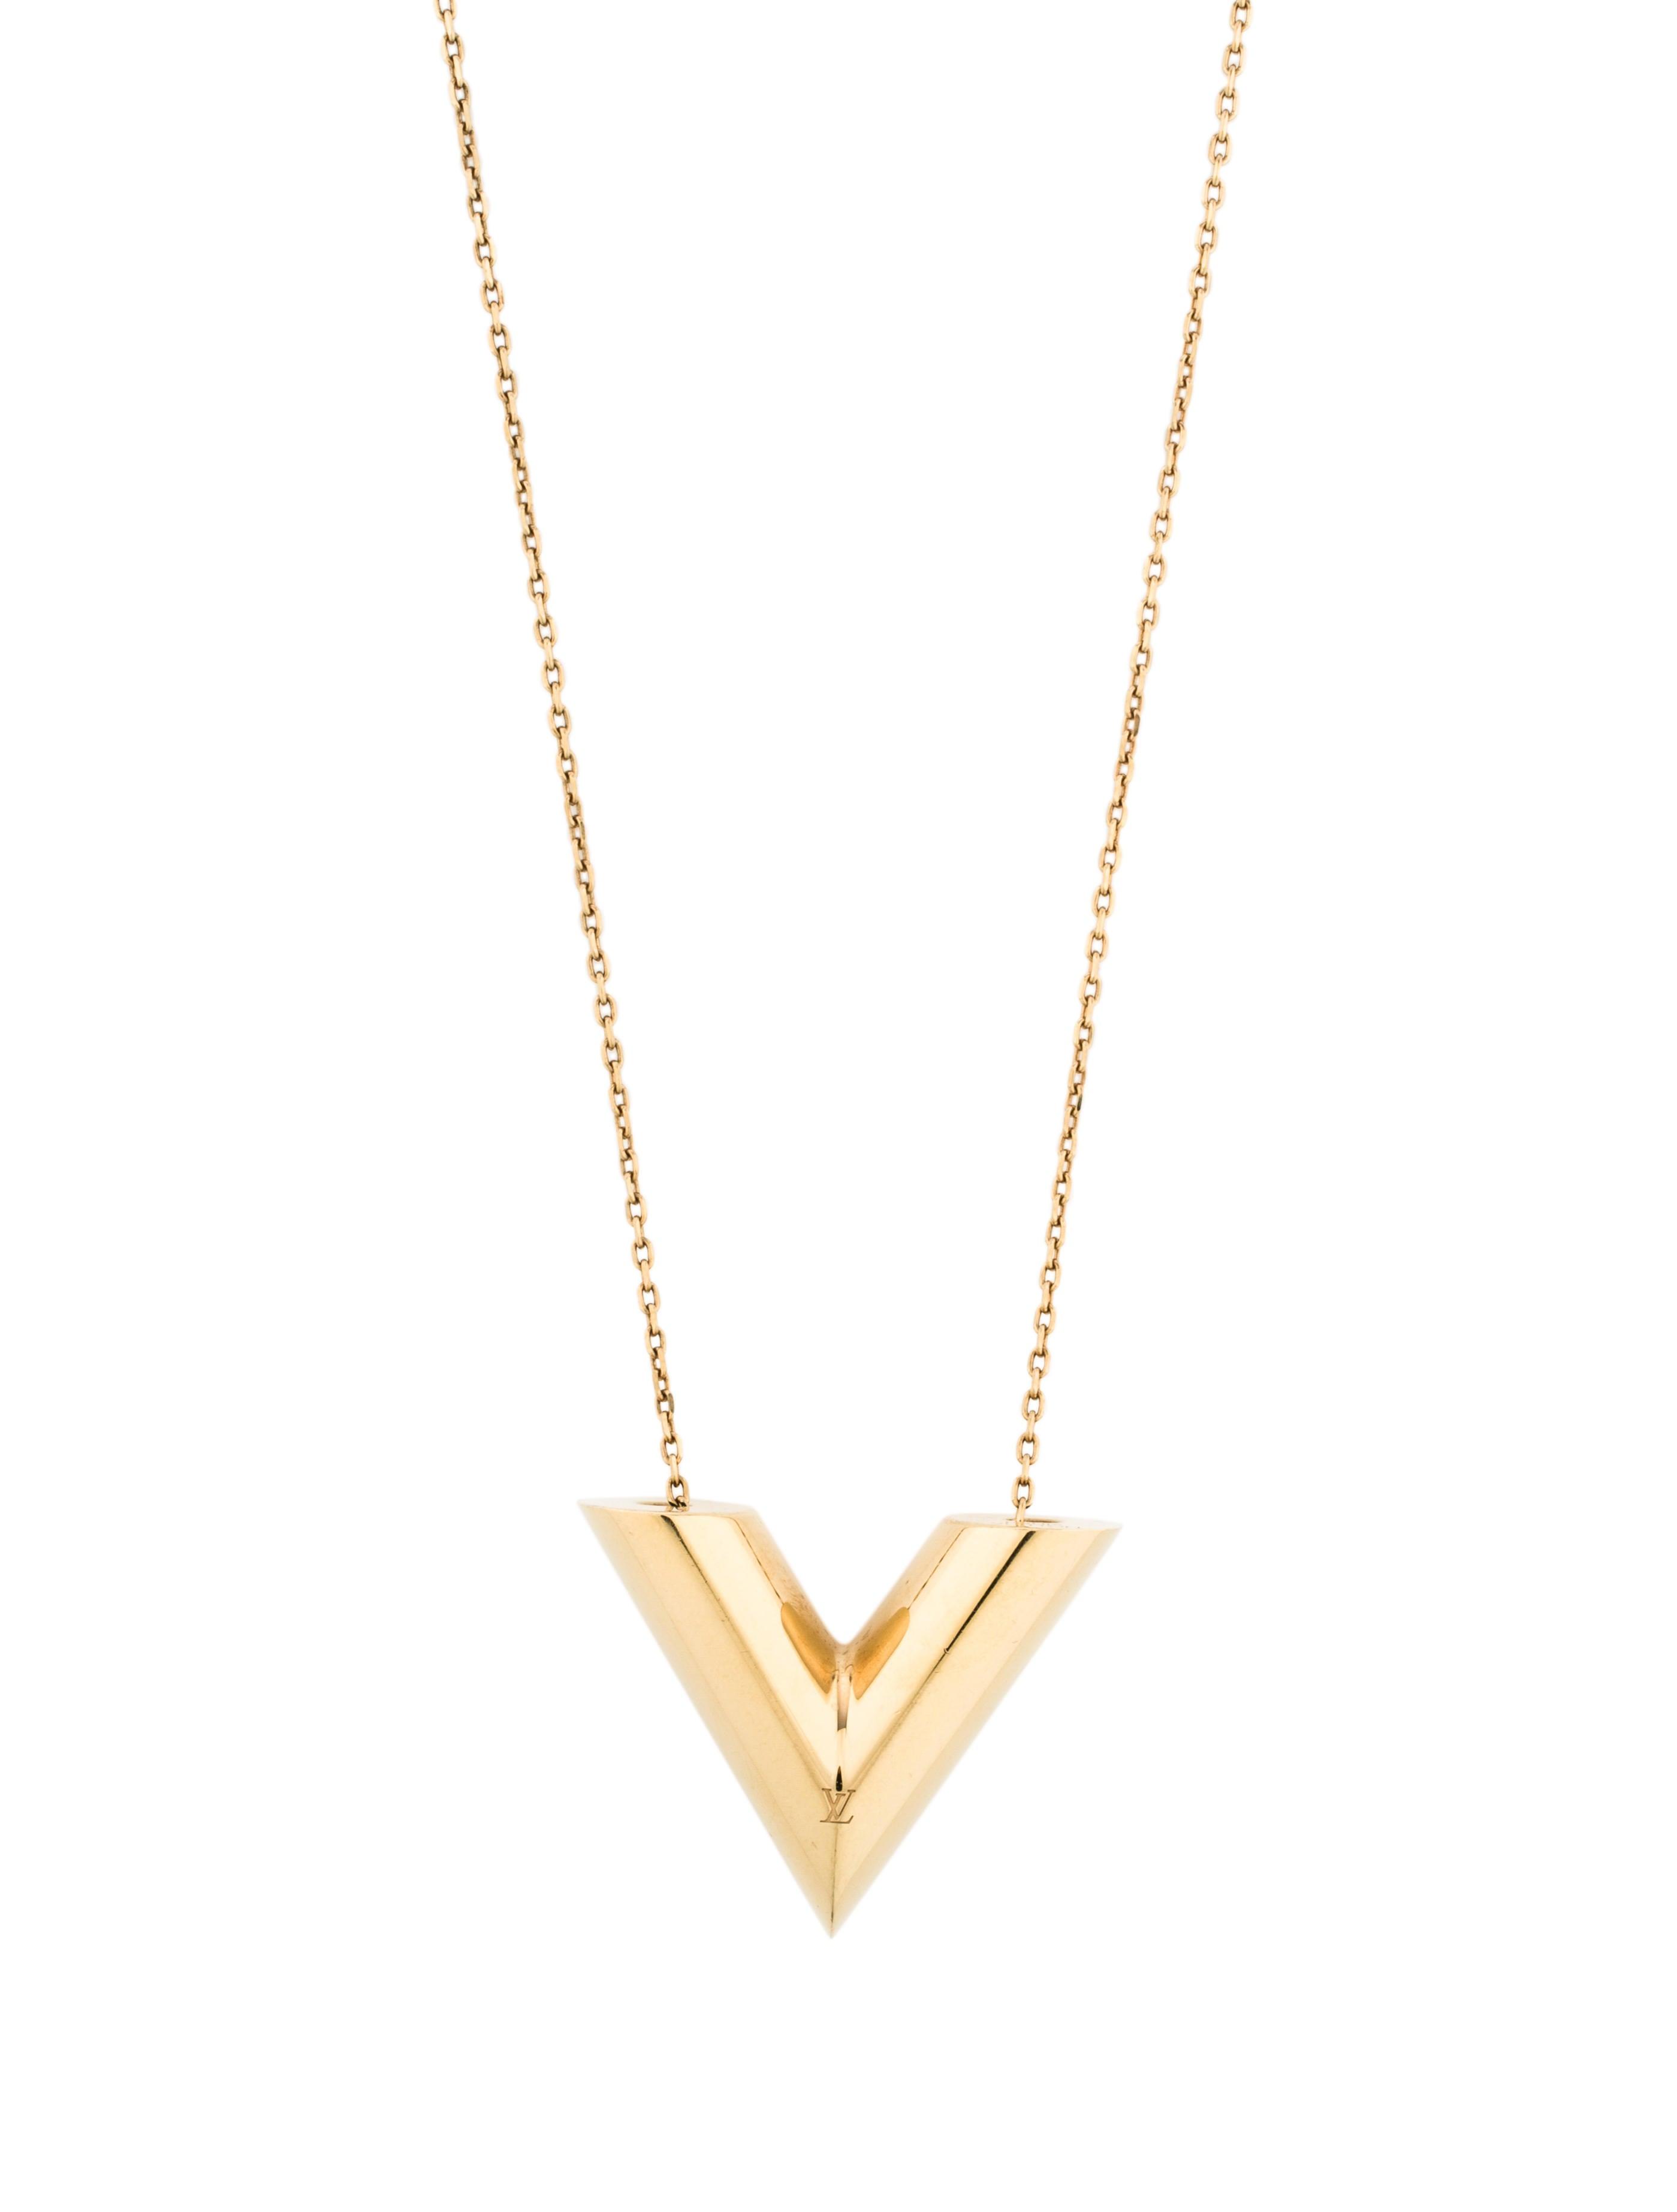 cd4d18d454e1 Louis Vuitton Essential V Sautoir Necklace - Necklaces - LOU96126 ...